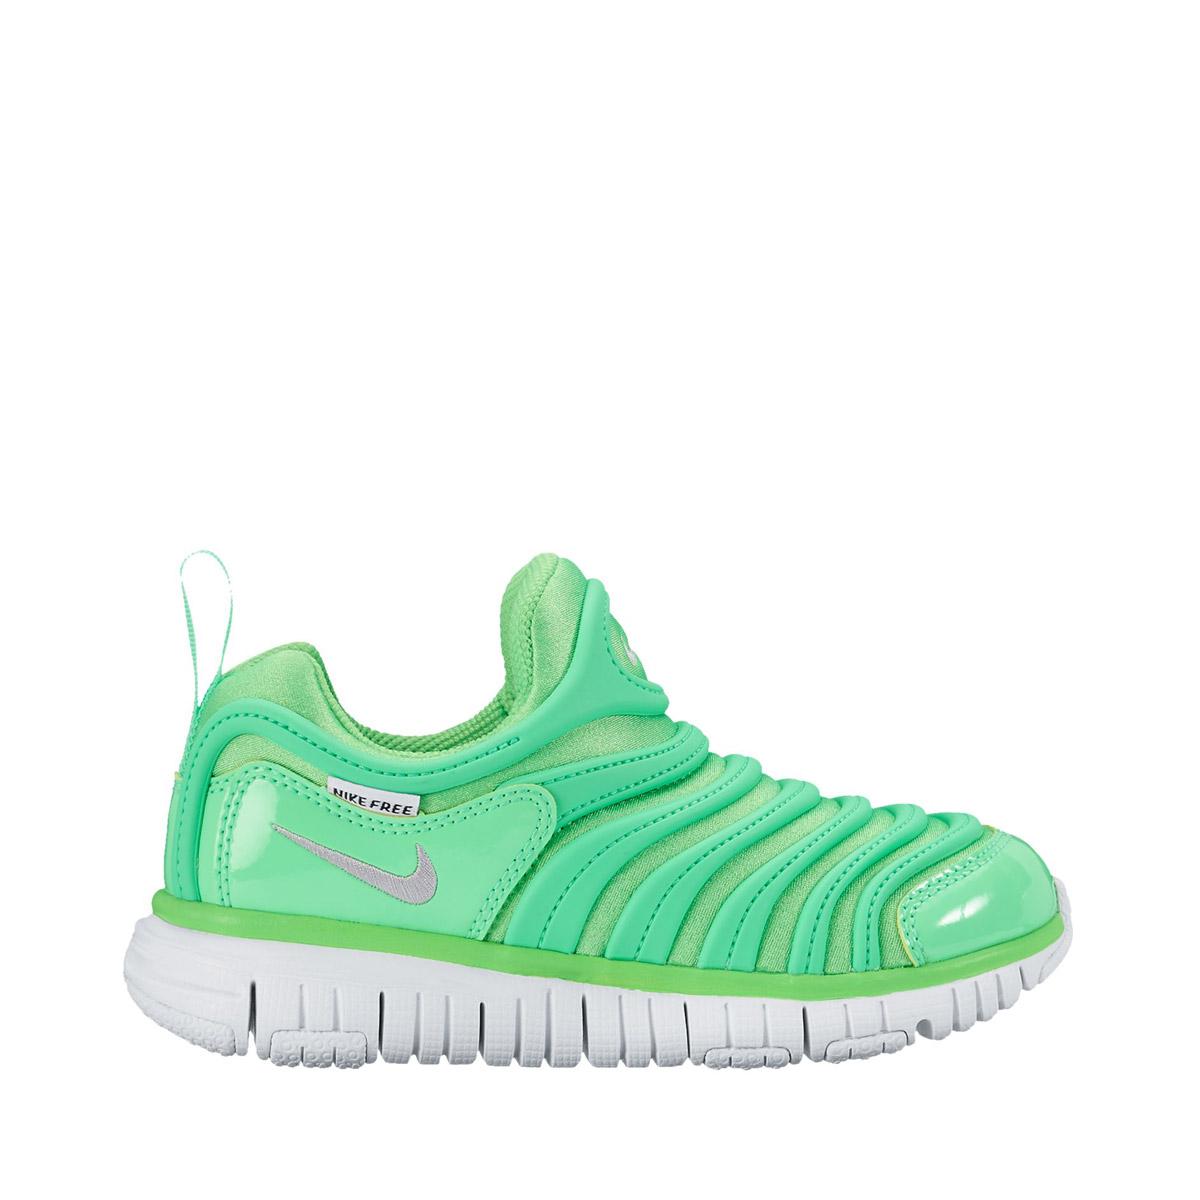 wholesale dealer a687b 0b126 Nike Dynamo Free Infant Toddler Kids Shoe NIKE DYNAMO FREE PS (Nike dynamo-free  PS) RAGE GREEN METALLIC SILVER- ...